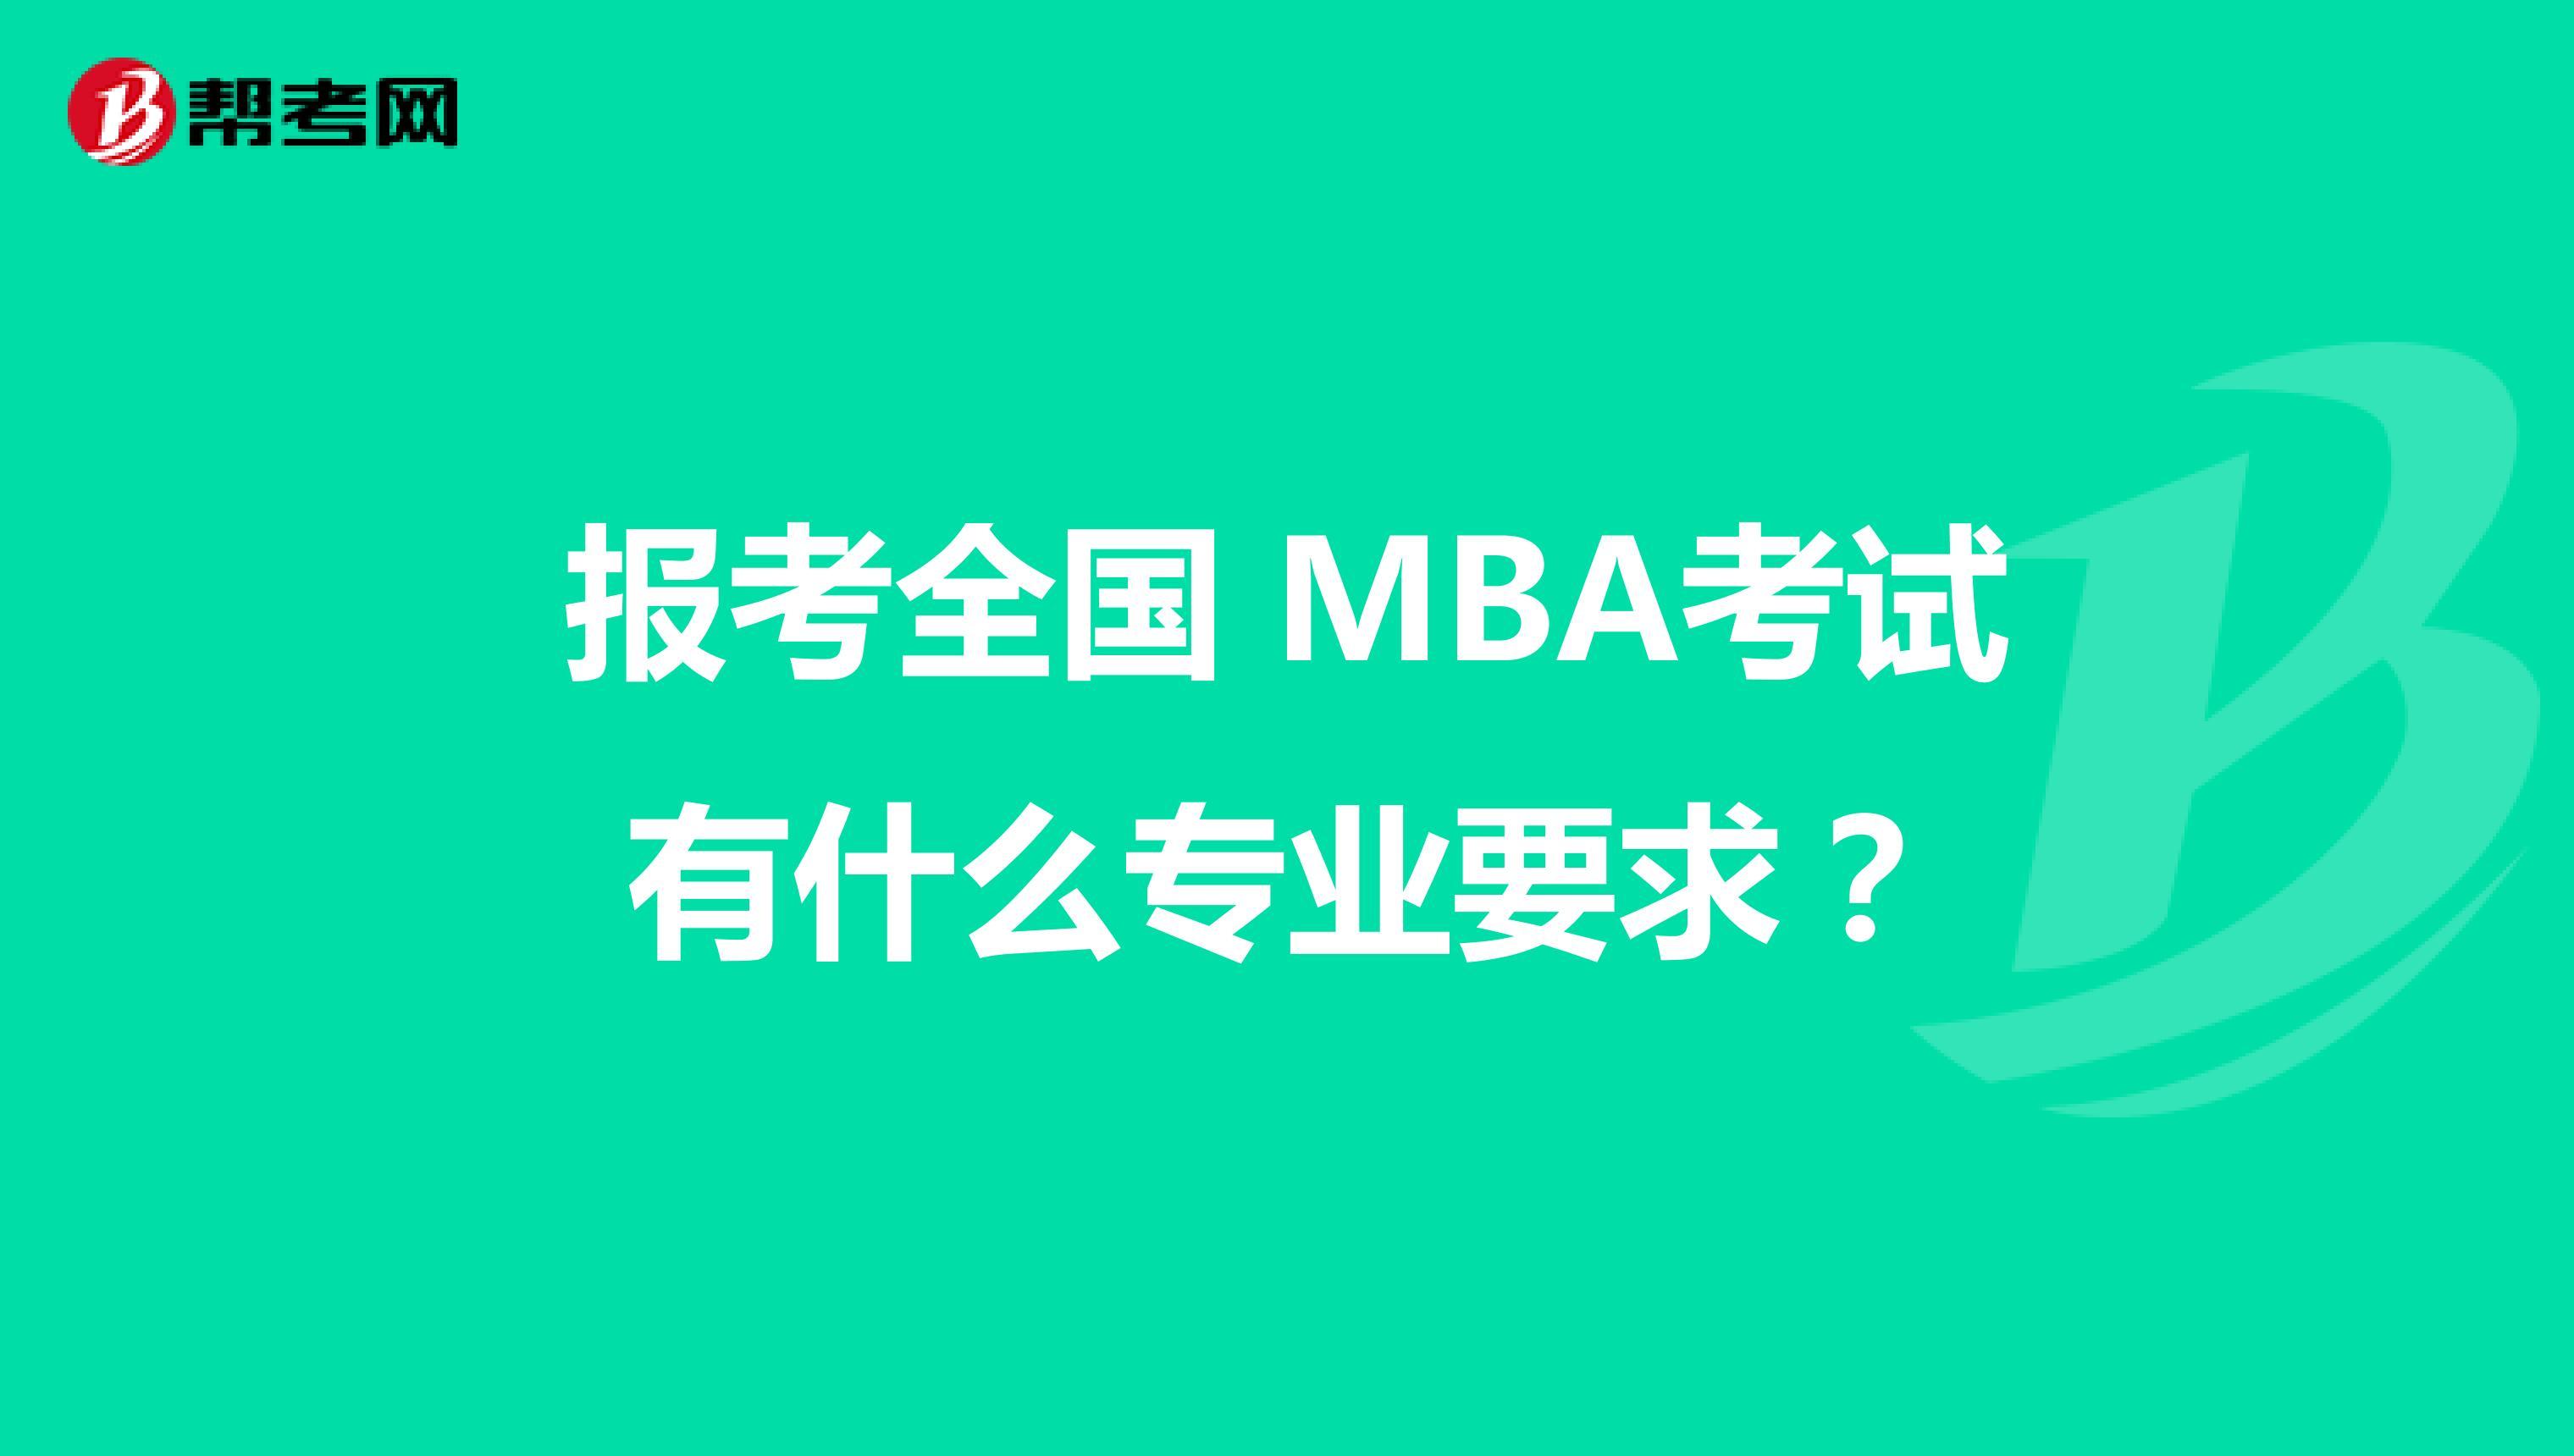 報考全國 MBA考試有什么專業要求?